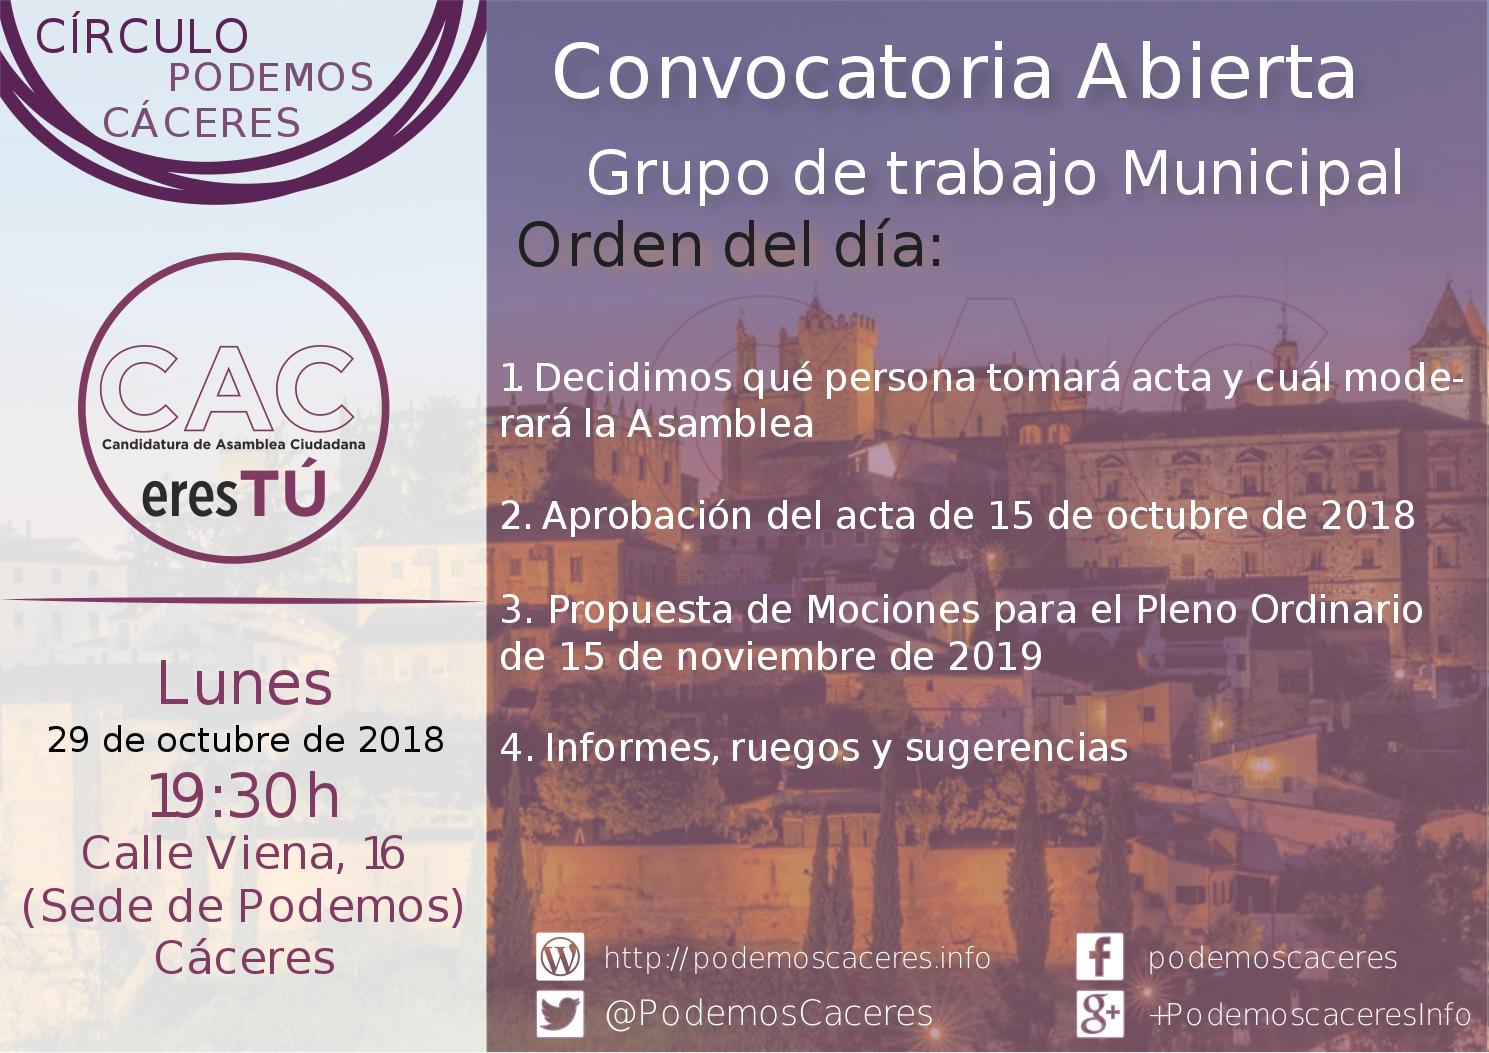 Cartel de la asamblea de 29 de octubre de 2018